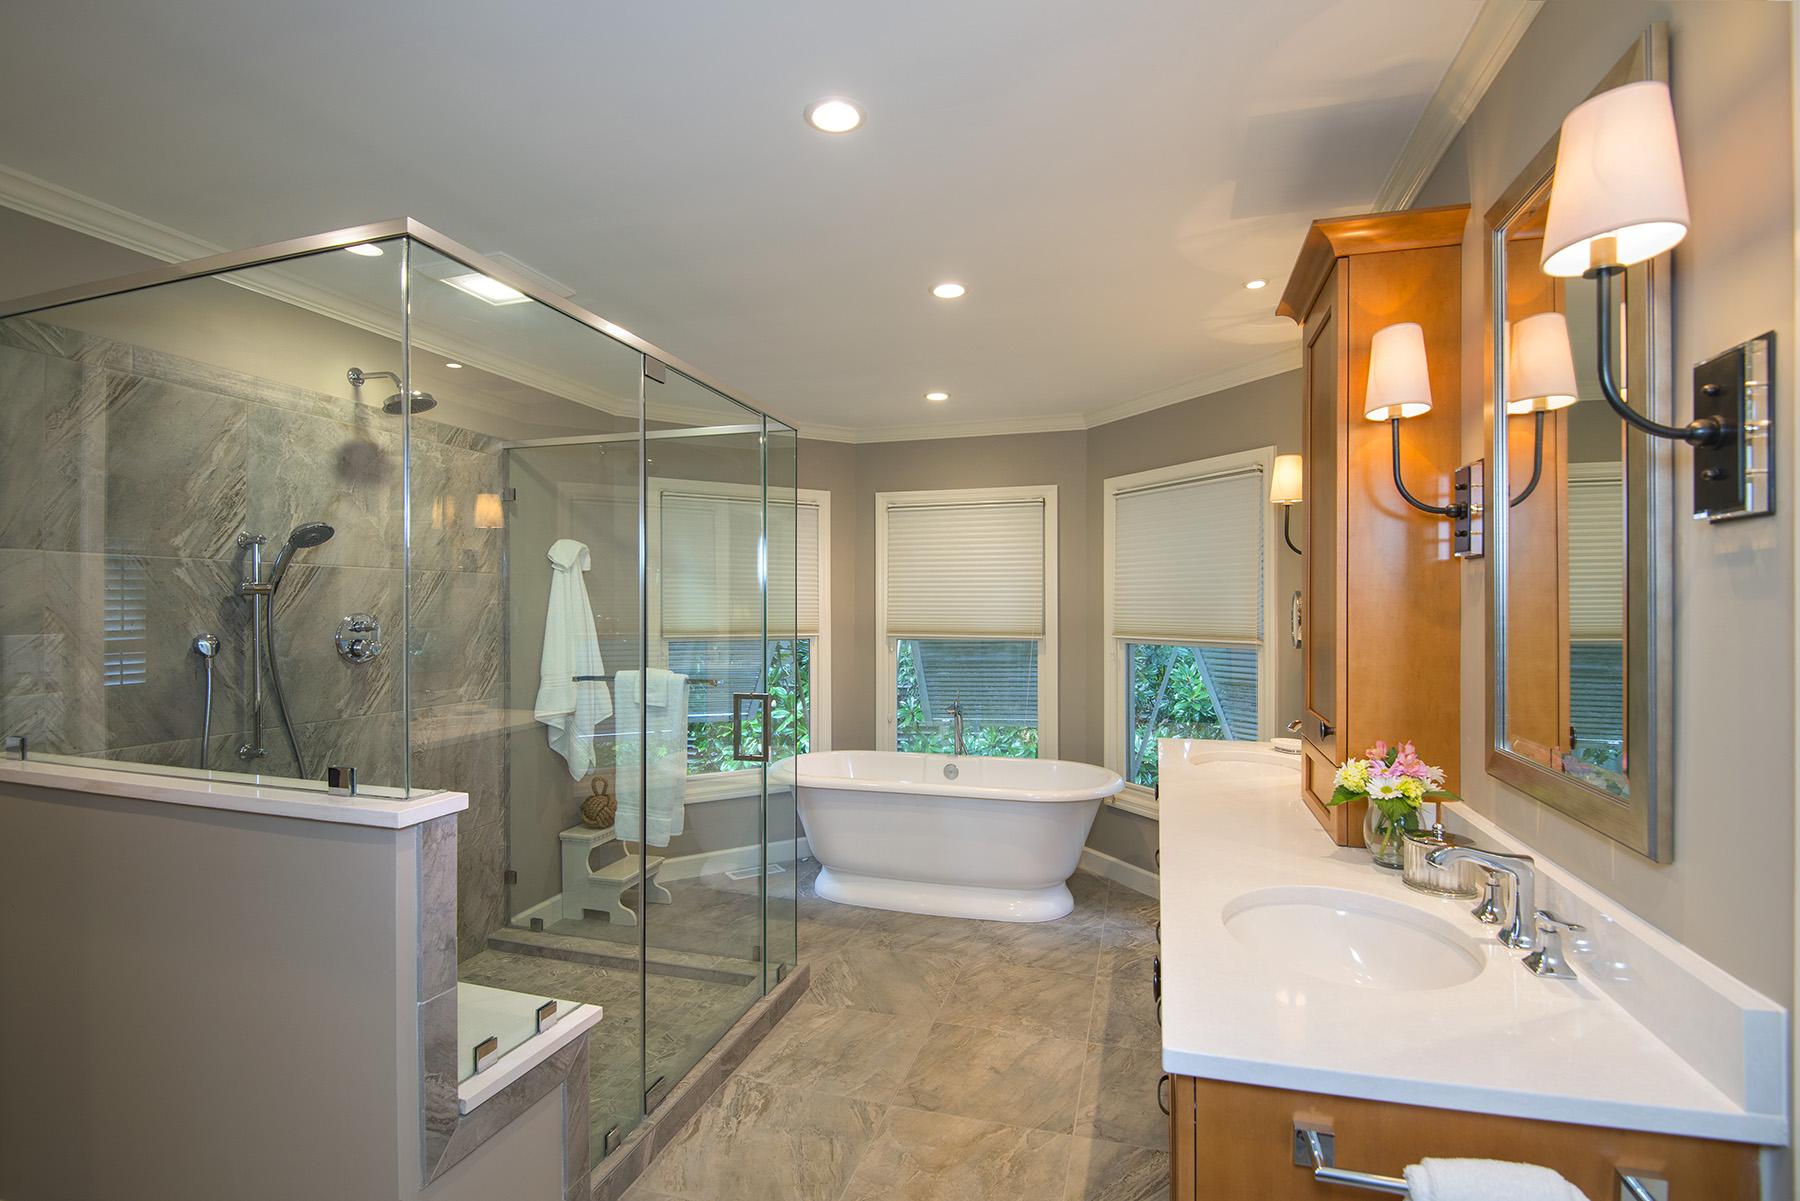 National Bath Safety Month: Make Your Bathroom Safer